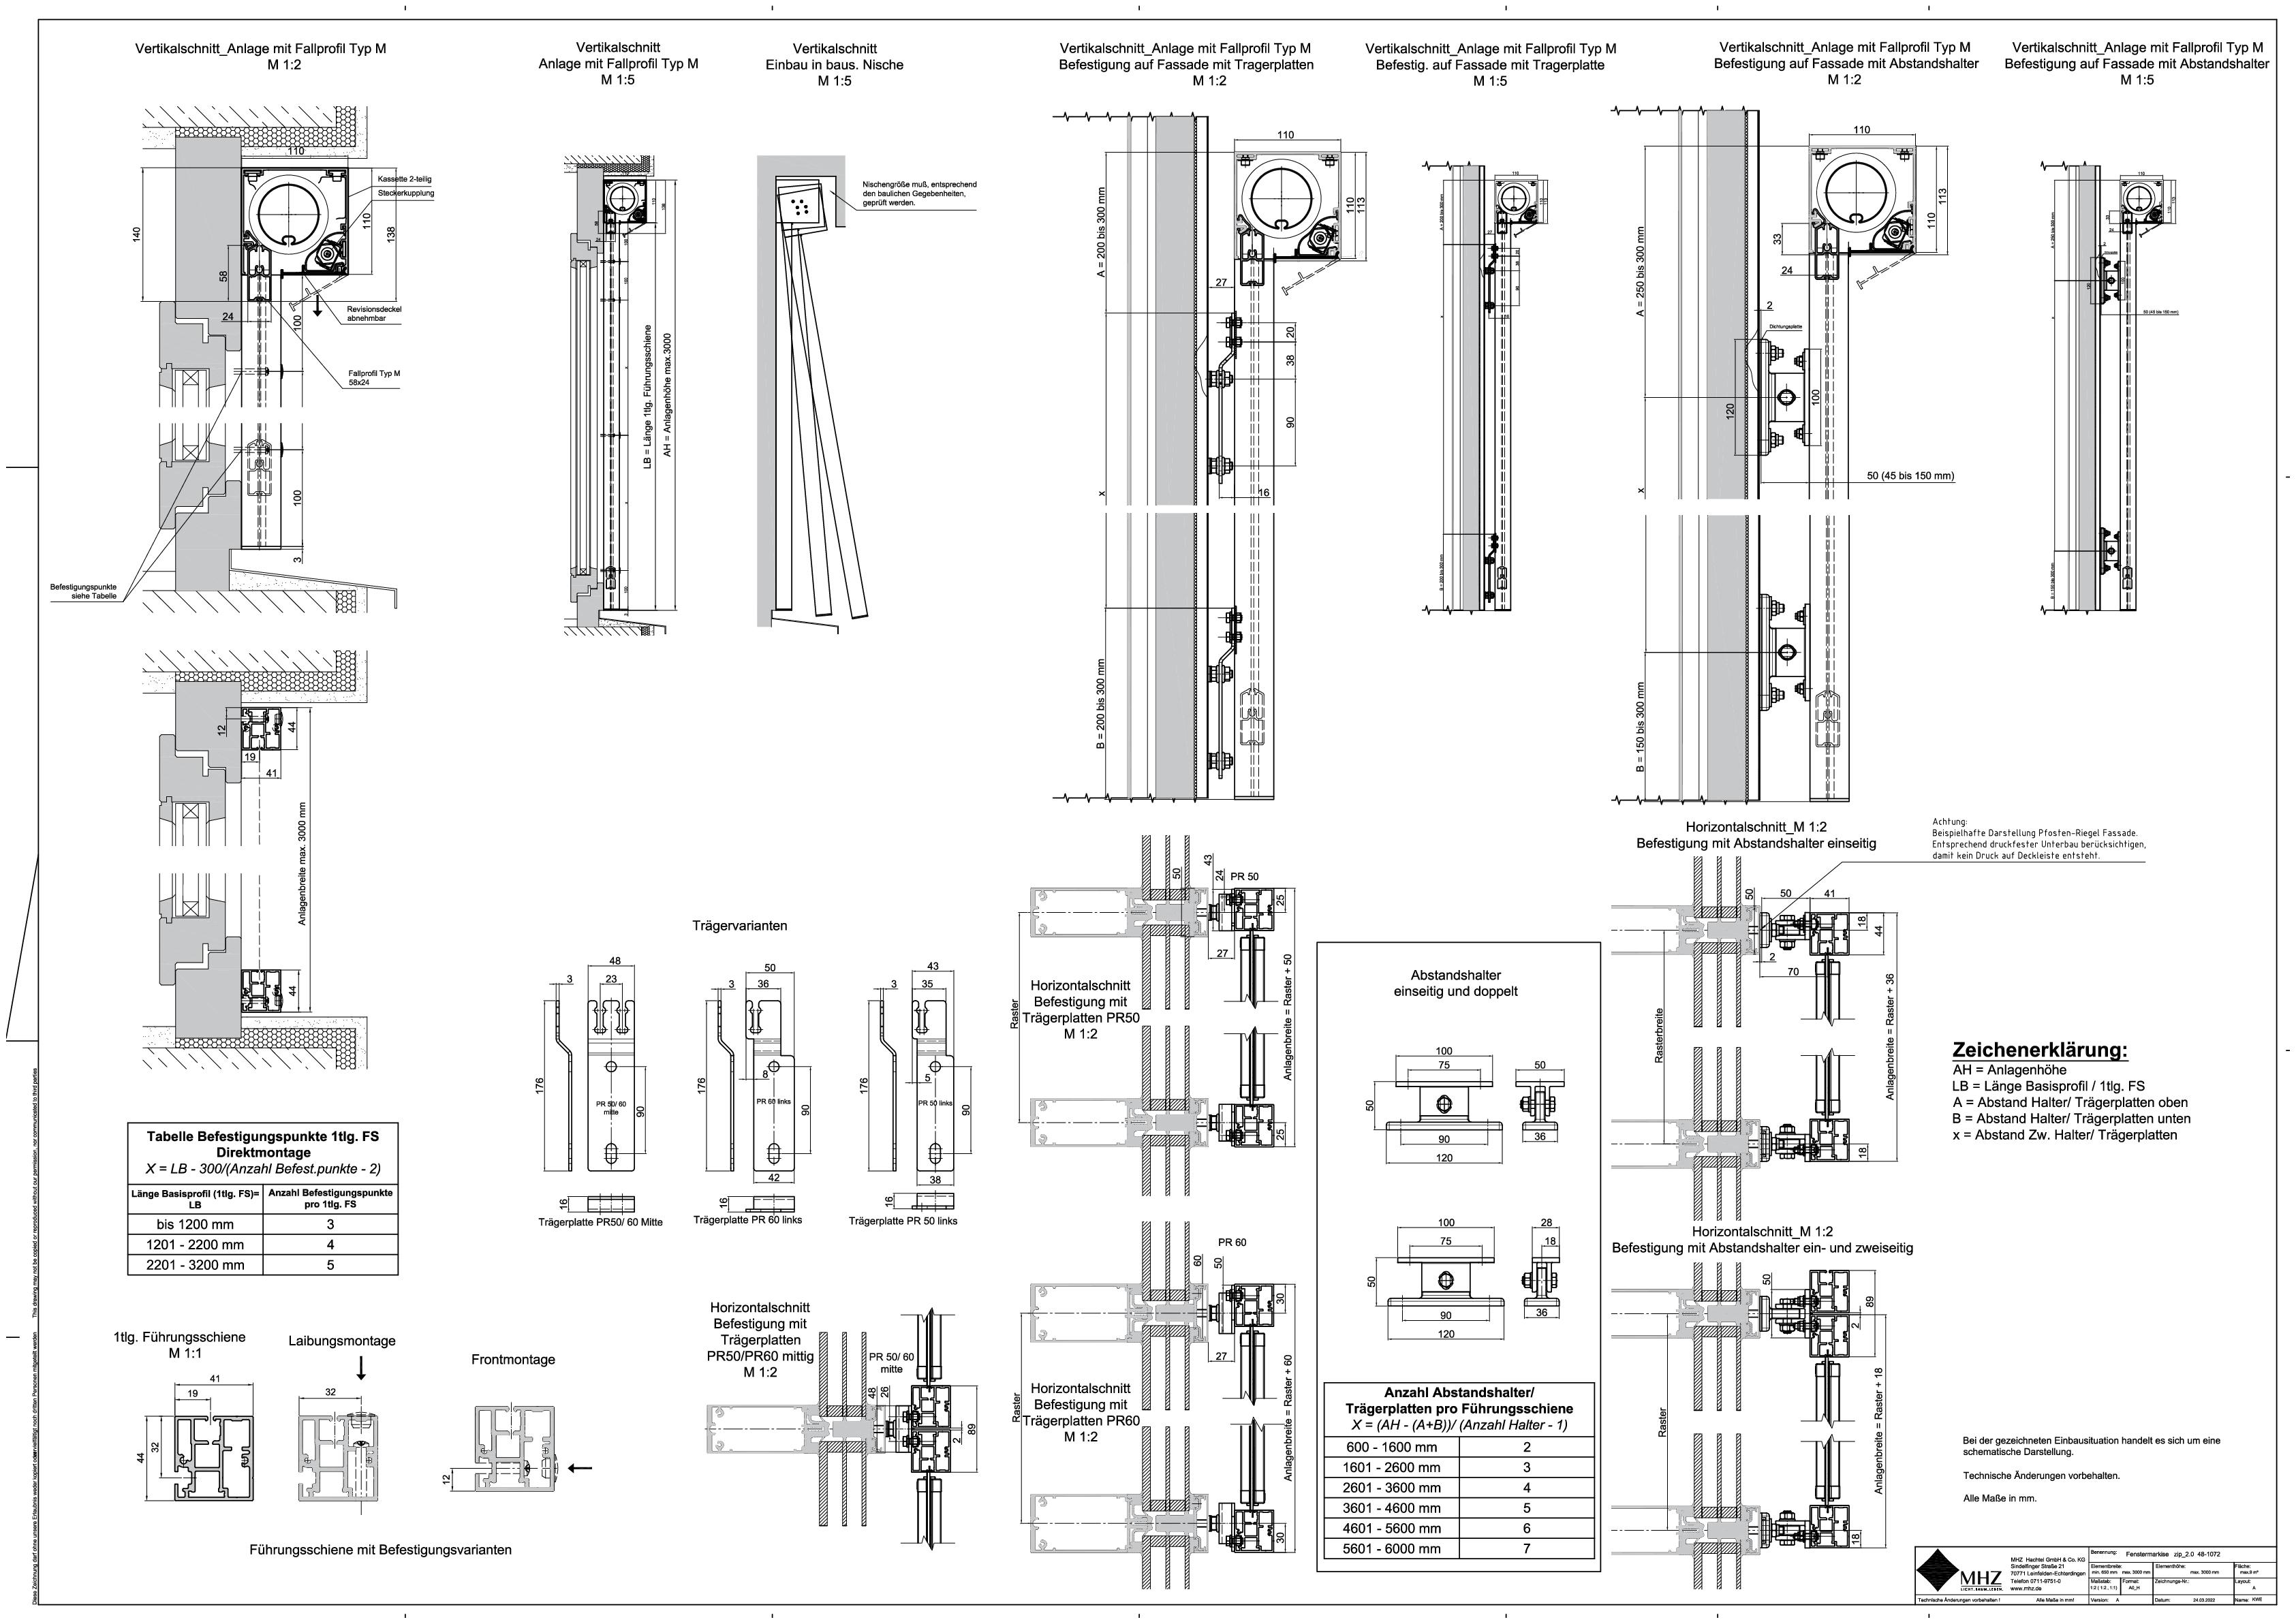 Technische Zeichnung Fenstermarkisen zip_2.0 48-1072 (dwg)